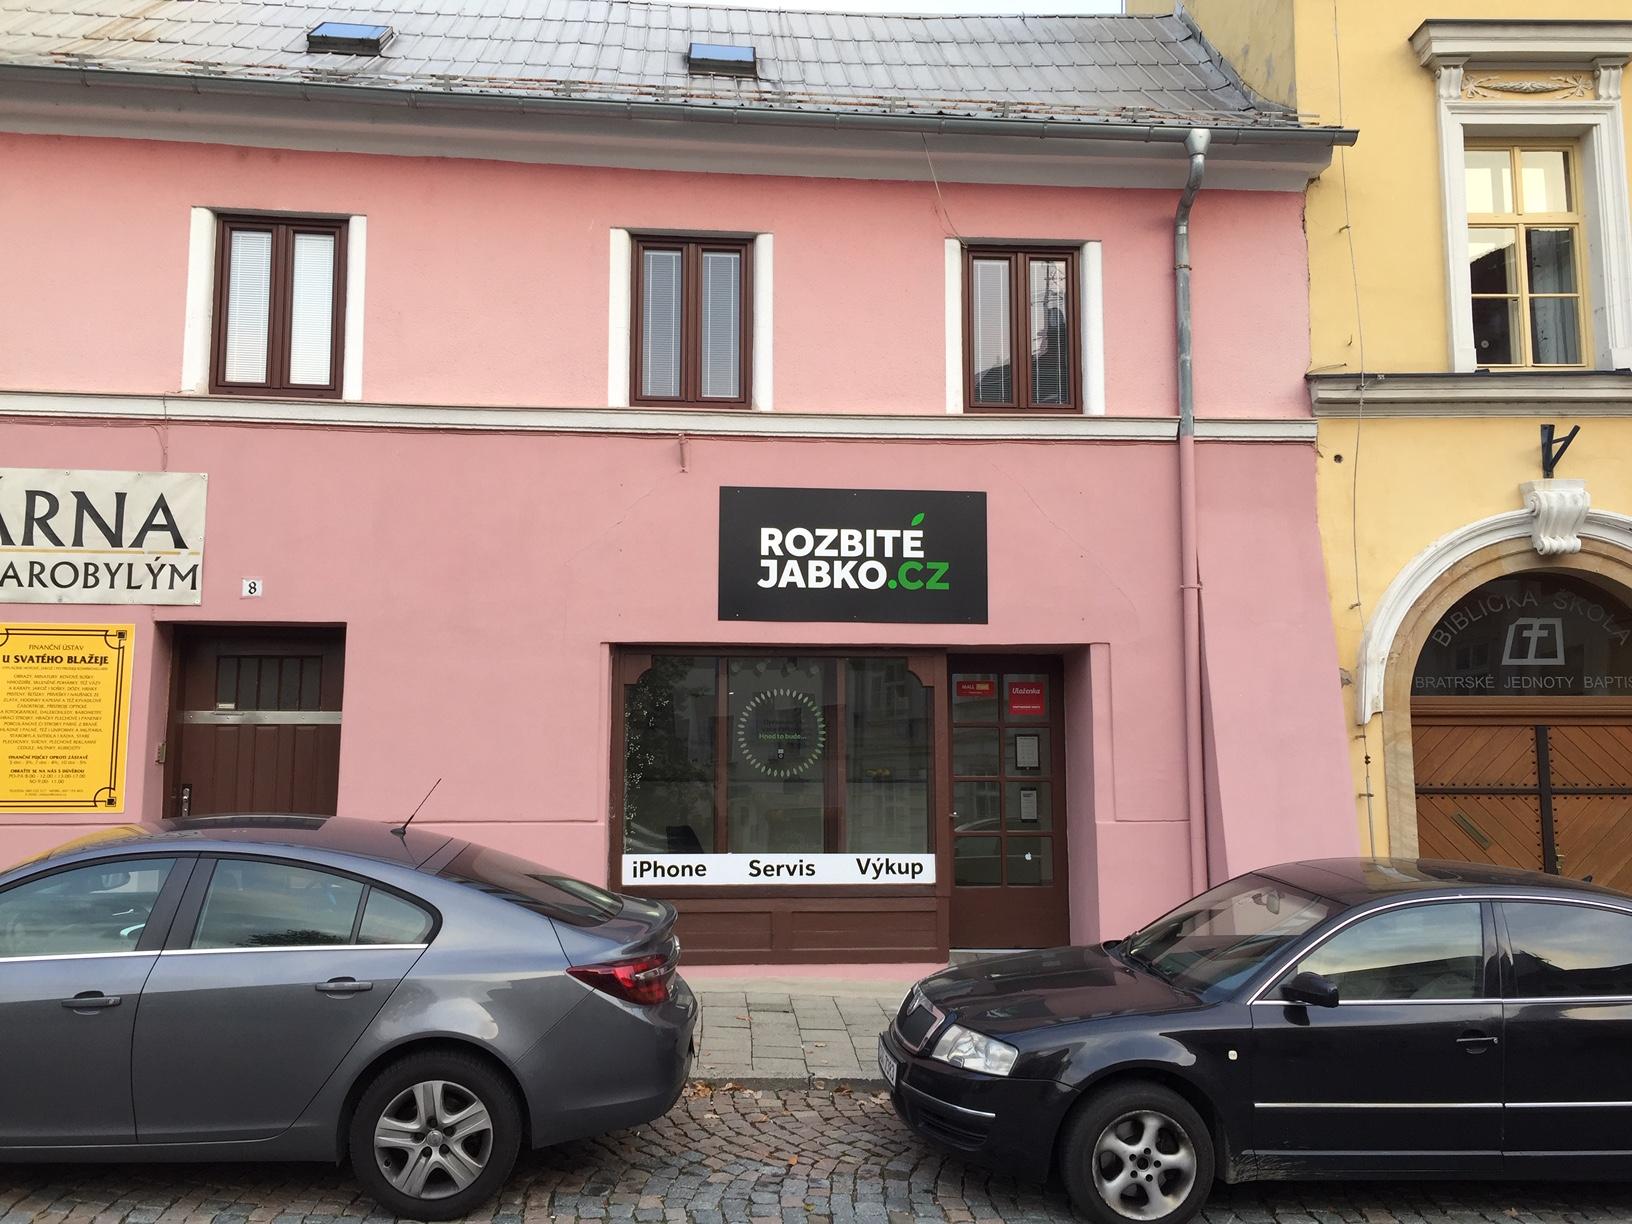 Pobočka Olomouc, Blažejské náměstí 96/8 (Rozbité jabko)